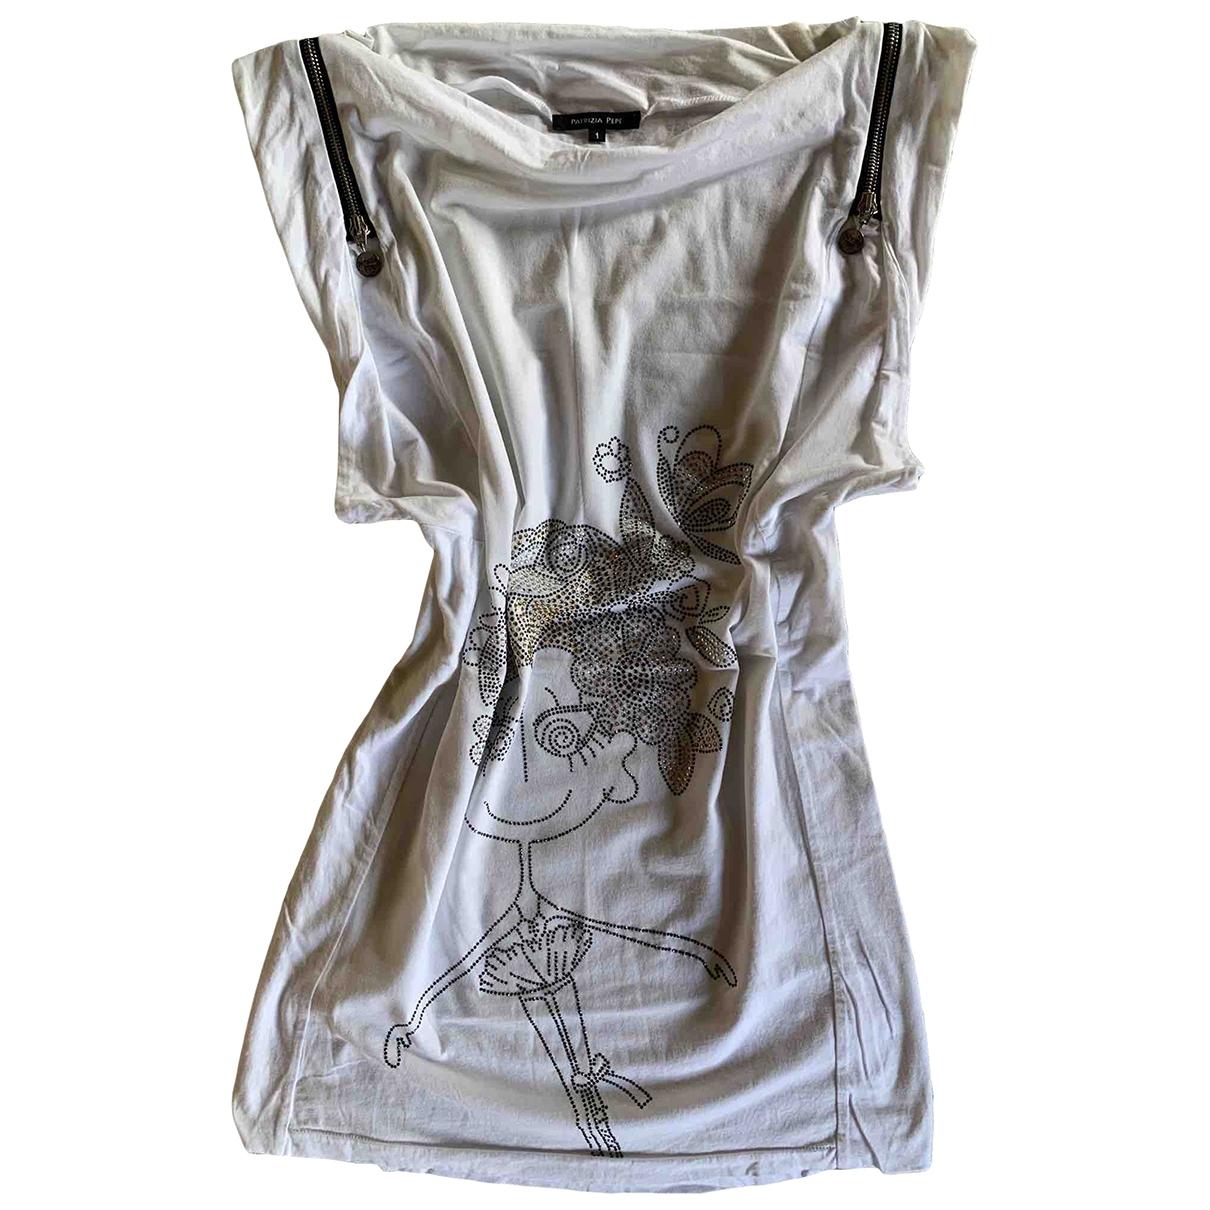 Patrizia Pepe \N White Cotton - elasthane dress for Women 1 US